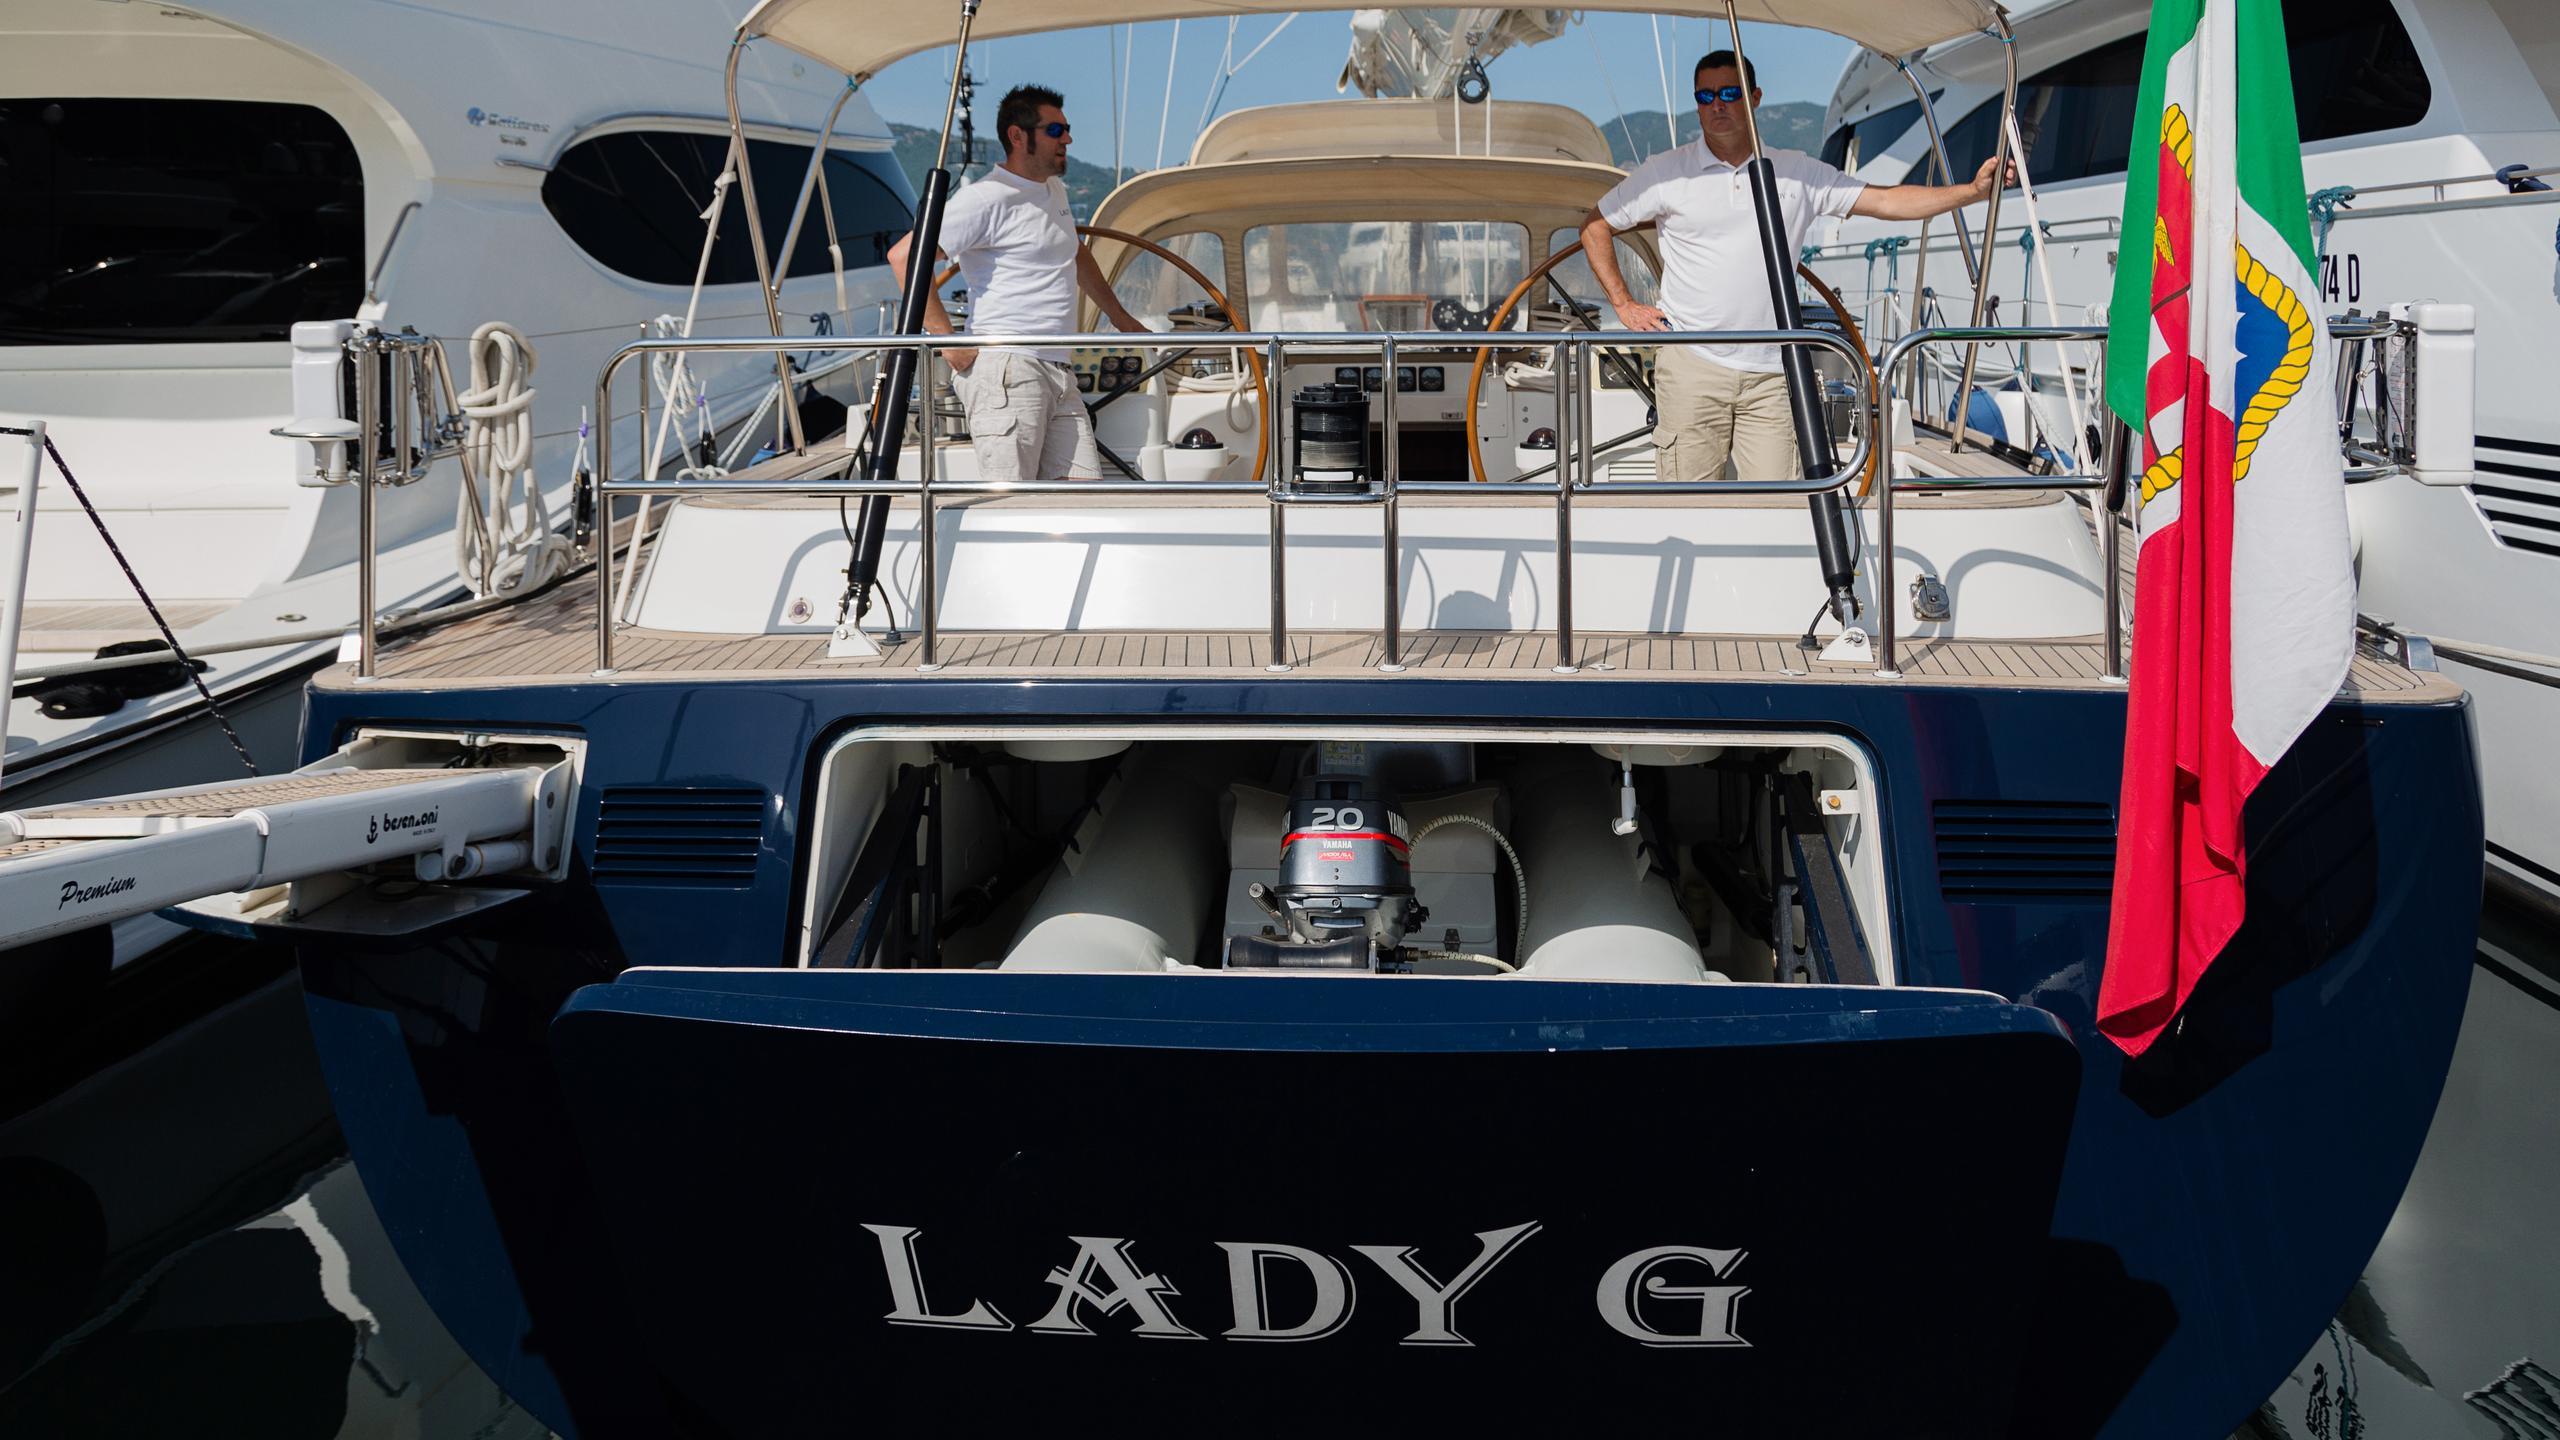 lady-g-yacht-stern